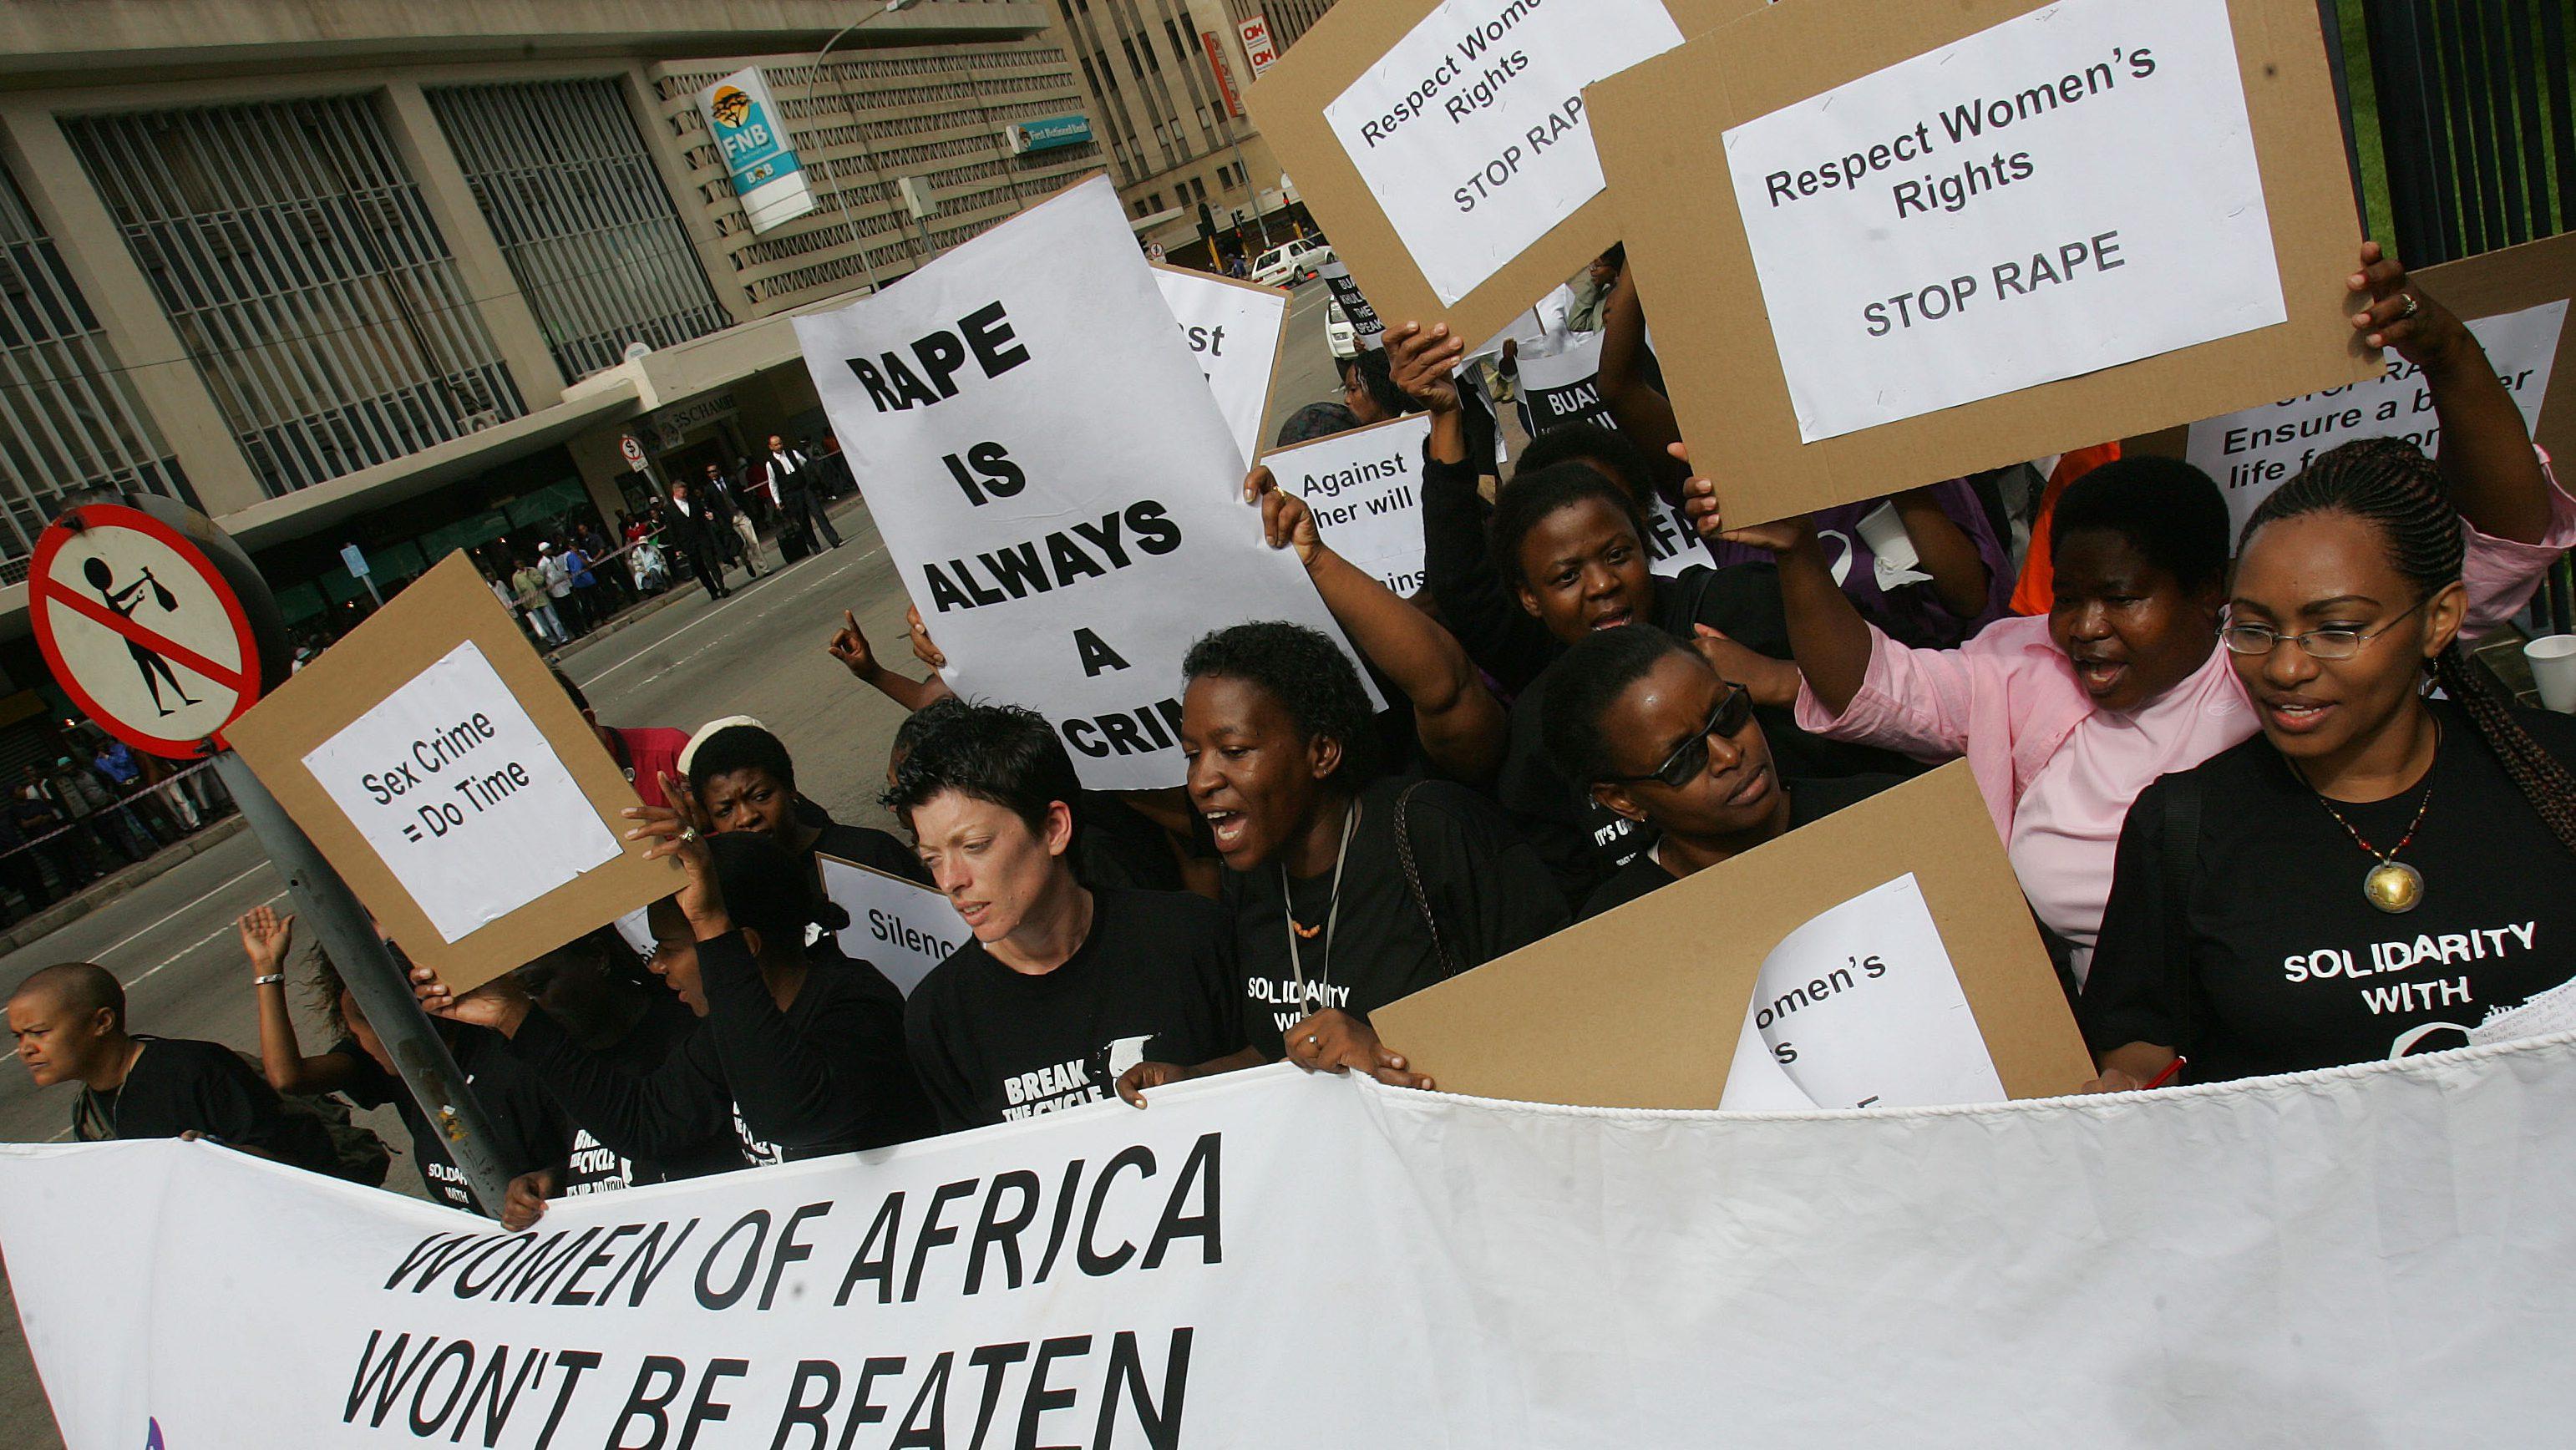 SOUTH AFRICA ZUMA RAPE TRIAL